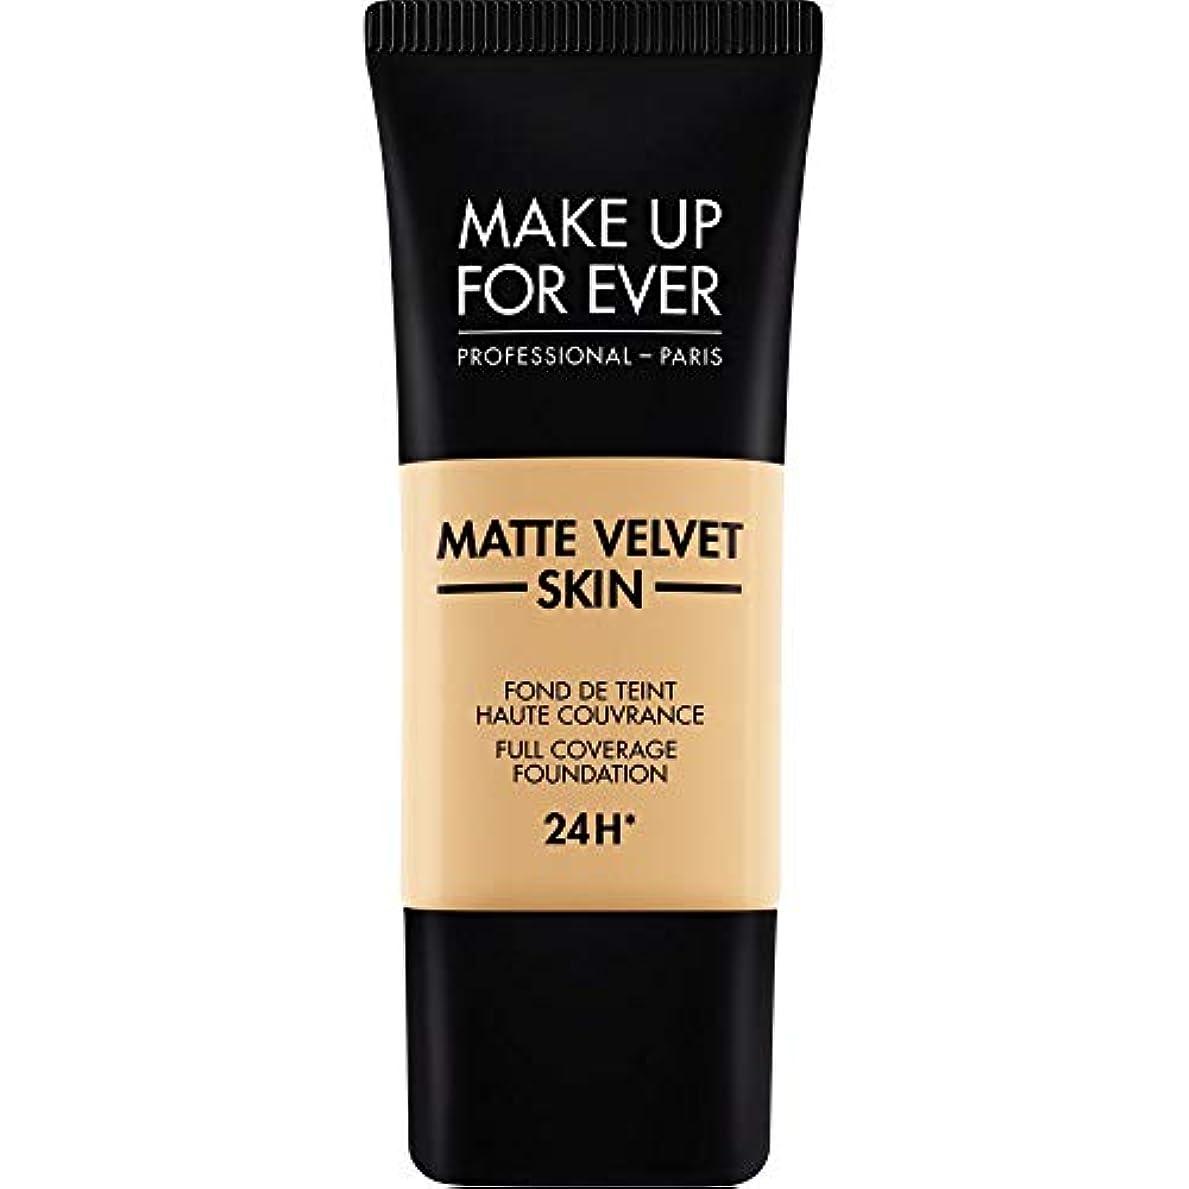 余剰ホールドオール晩餐[MAKE UP FOR EVER ] これまでマットベルベットの皮膚のフルカバレッジ基礎30ミリリットルのY255を補う - サンドベージュ - MAKE UP FOR EVER Matte Velvet Skin Full...